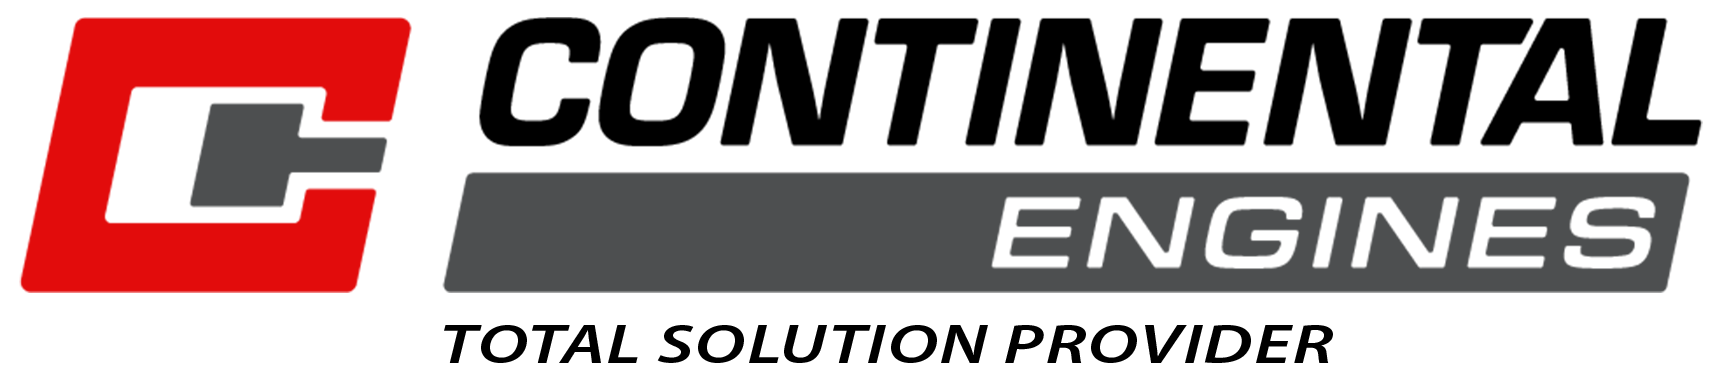 ROB284-42802-03